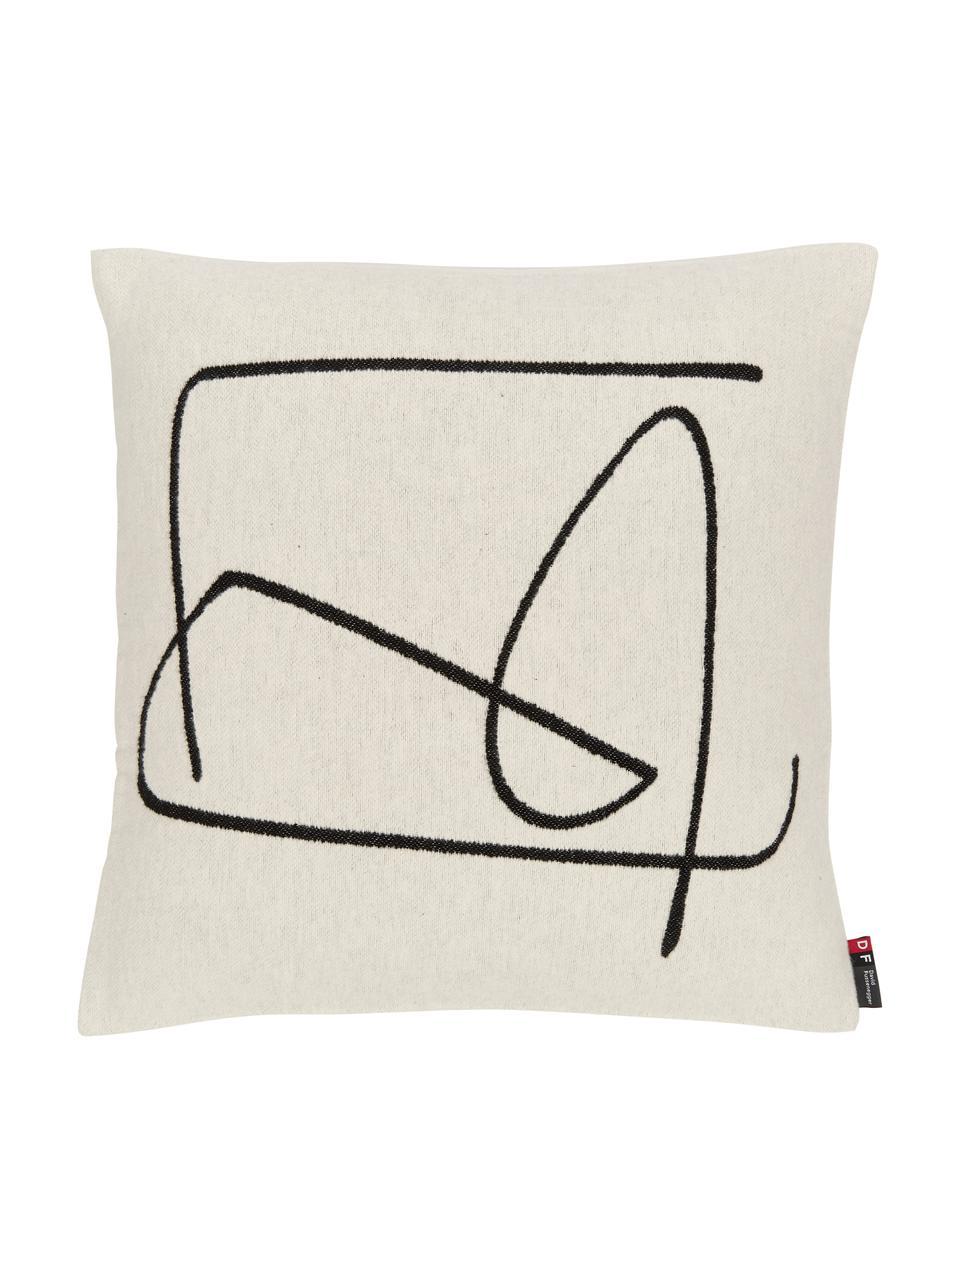 Poszewka na poduszkę Nova, Tapicerka: 85% bawełna, 8% wiskoza, , Biały, czarny, S 50 x D 50 cm